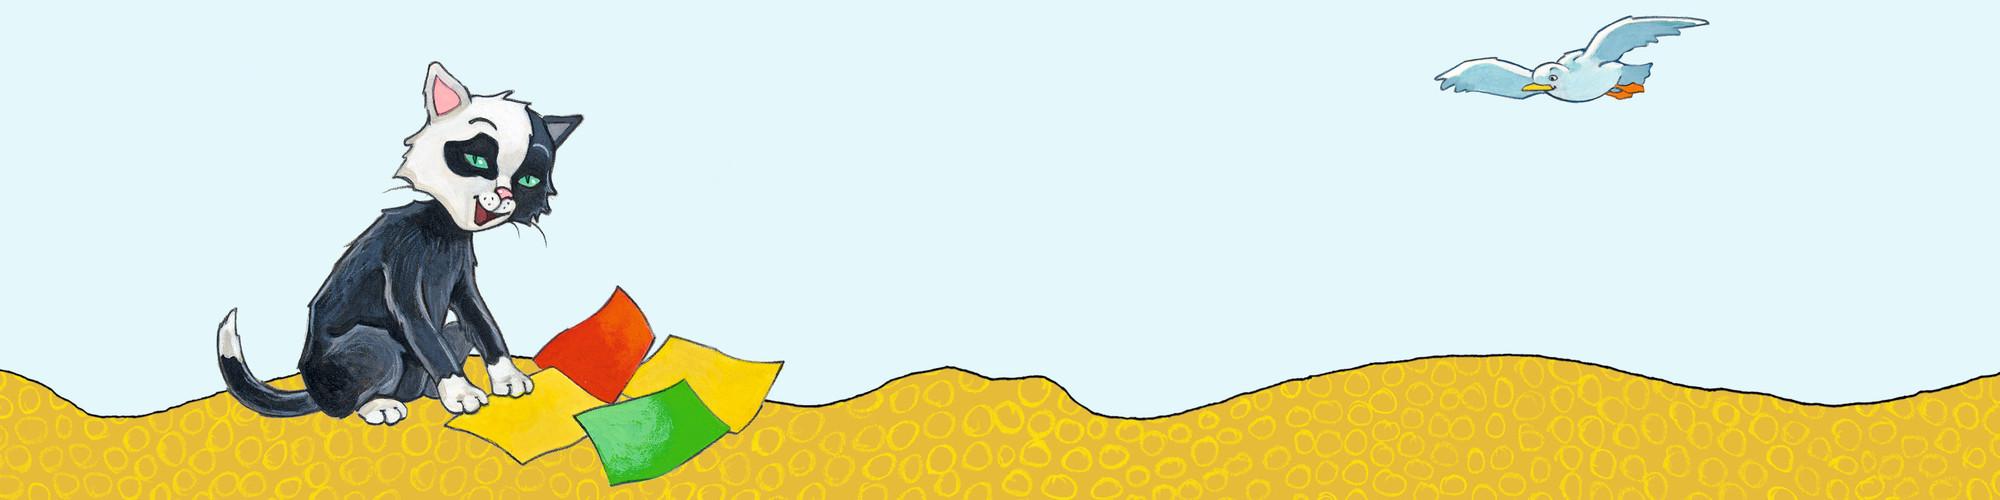 Kinderleichte Nachmach-Ideen rund um den Kater Tinto gesucht!